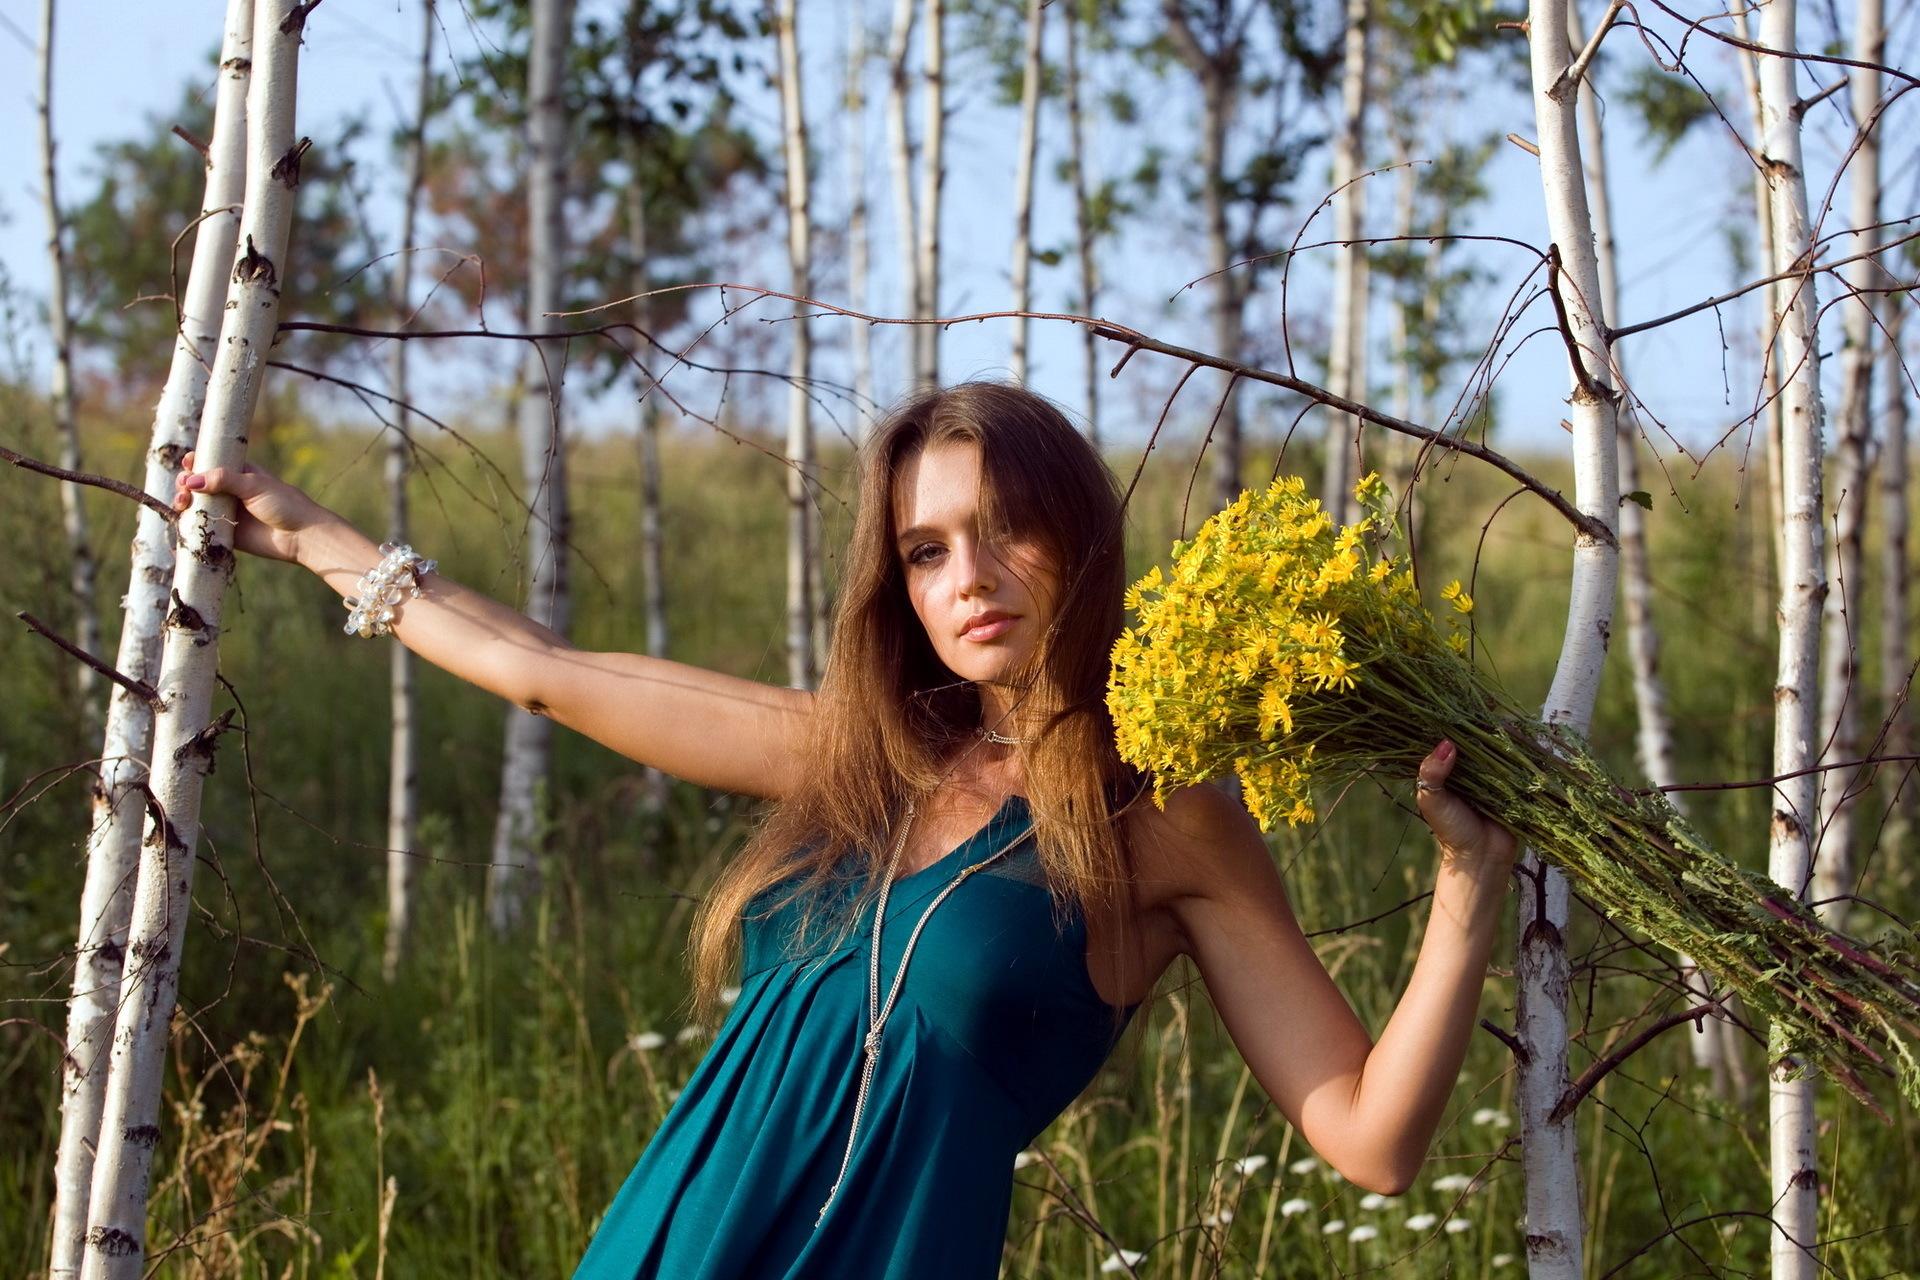 Русские женщины в соку фото 7 фотография